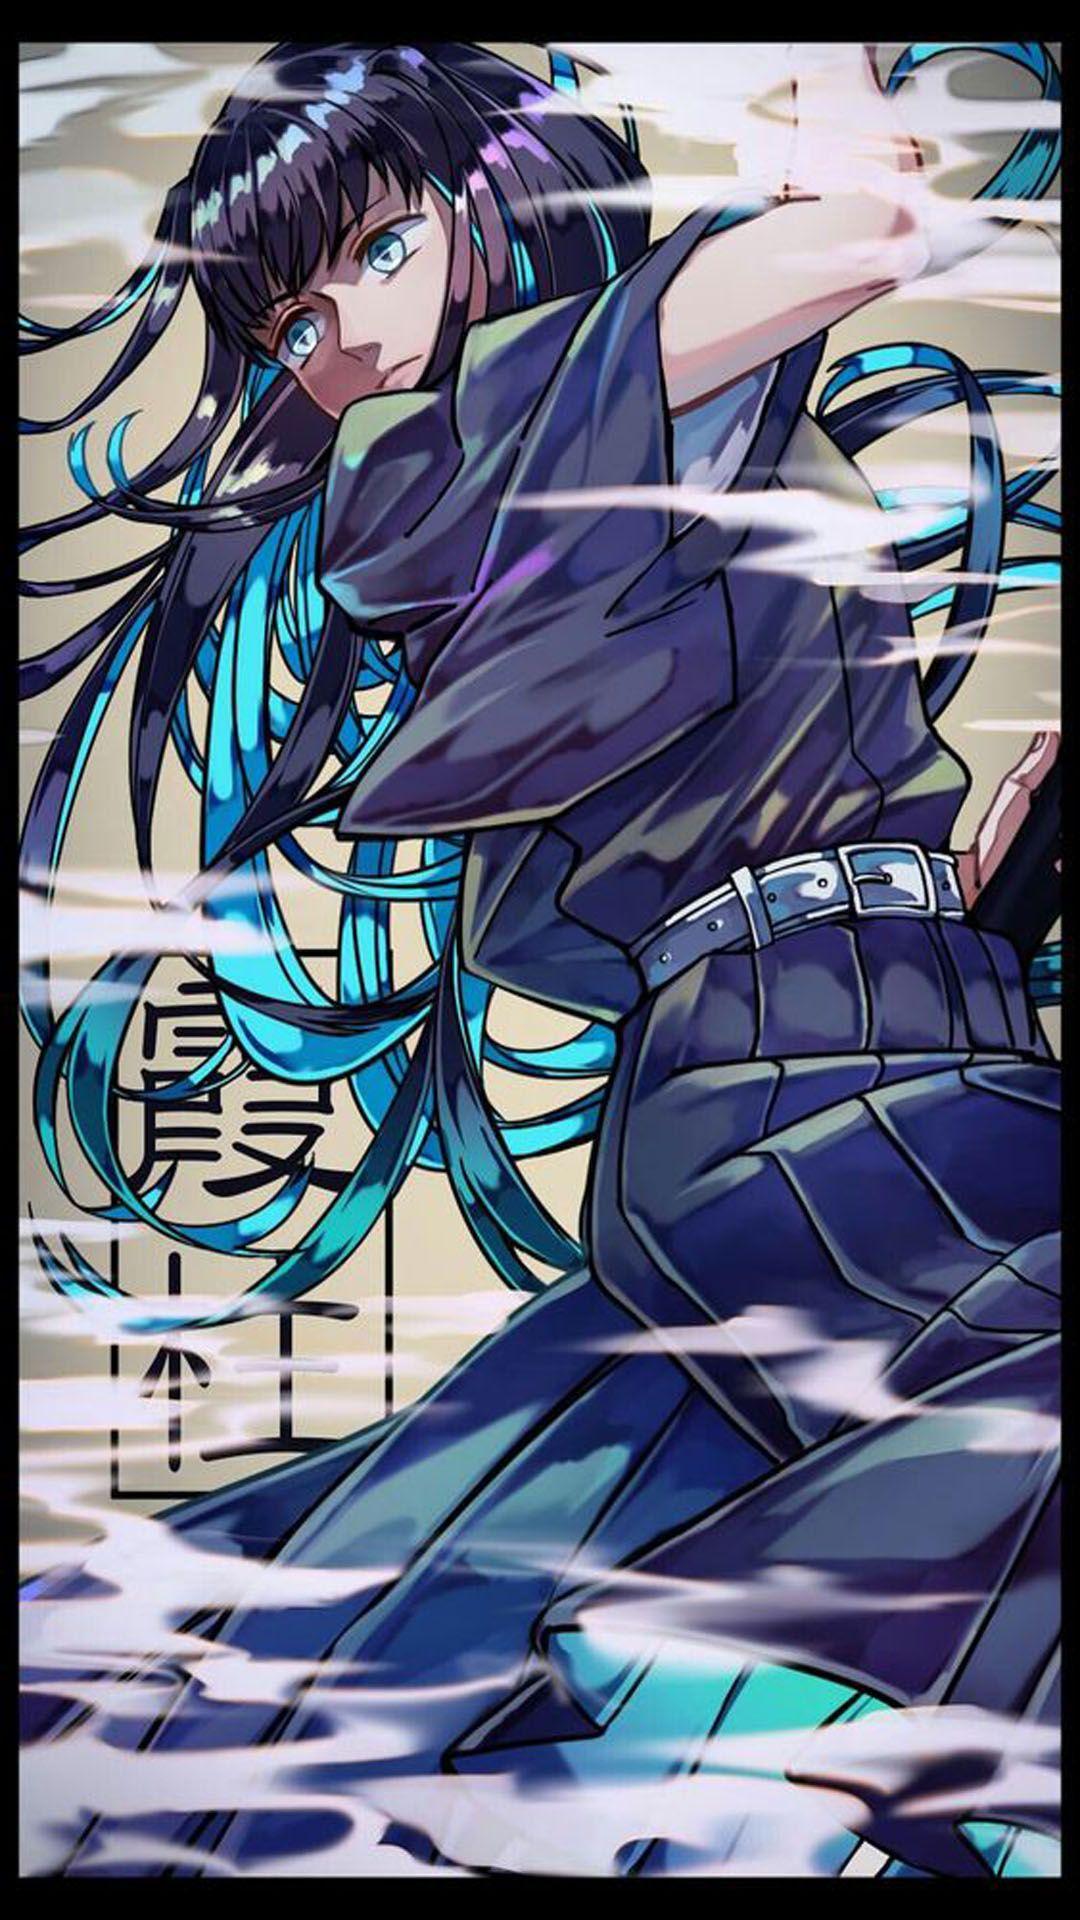 Muichiro Tokito Wallpaper